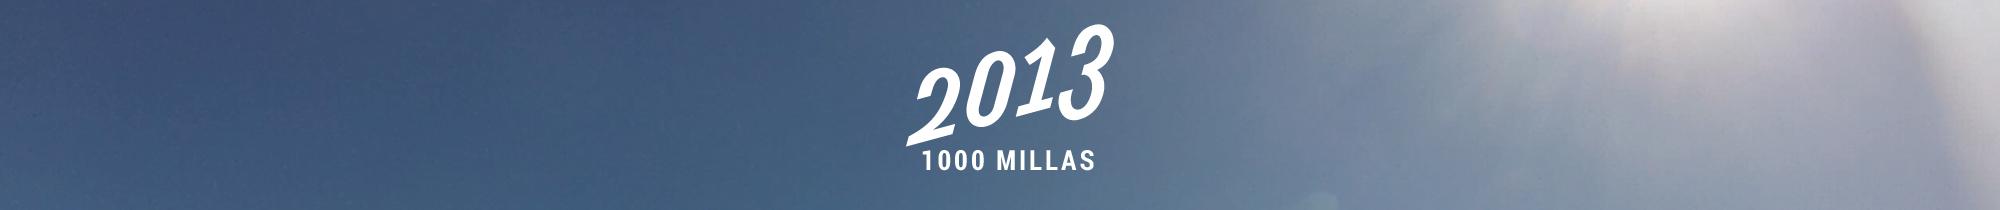 slidi-1000-03